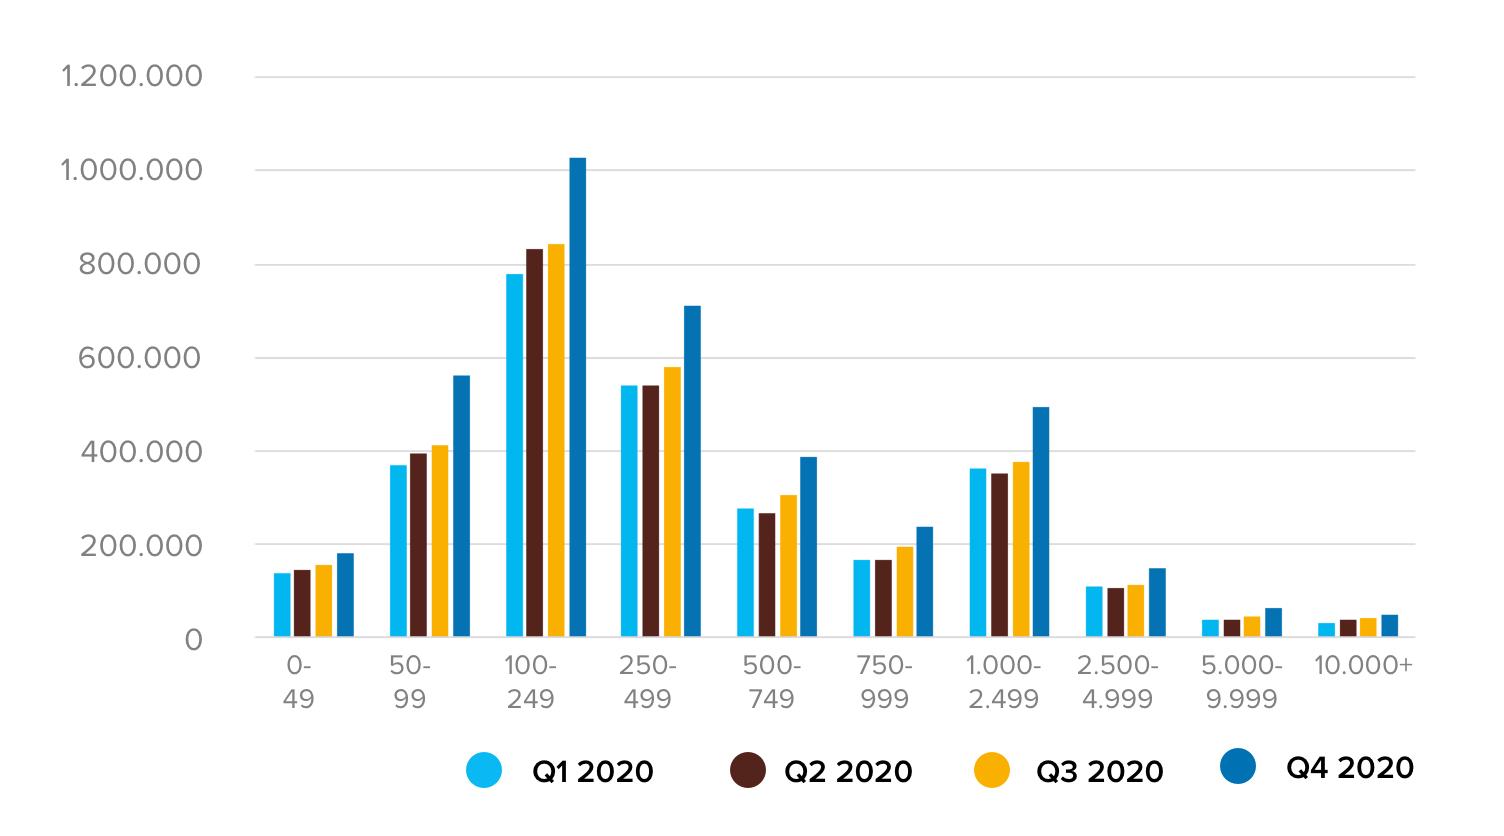 Aantal keren dat bedrijfsruimtes zijn bekeken - per m2